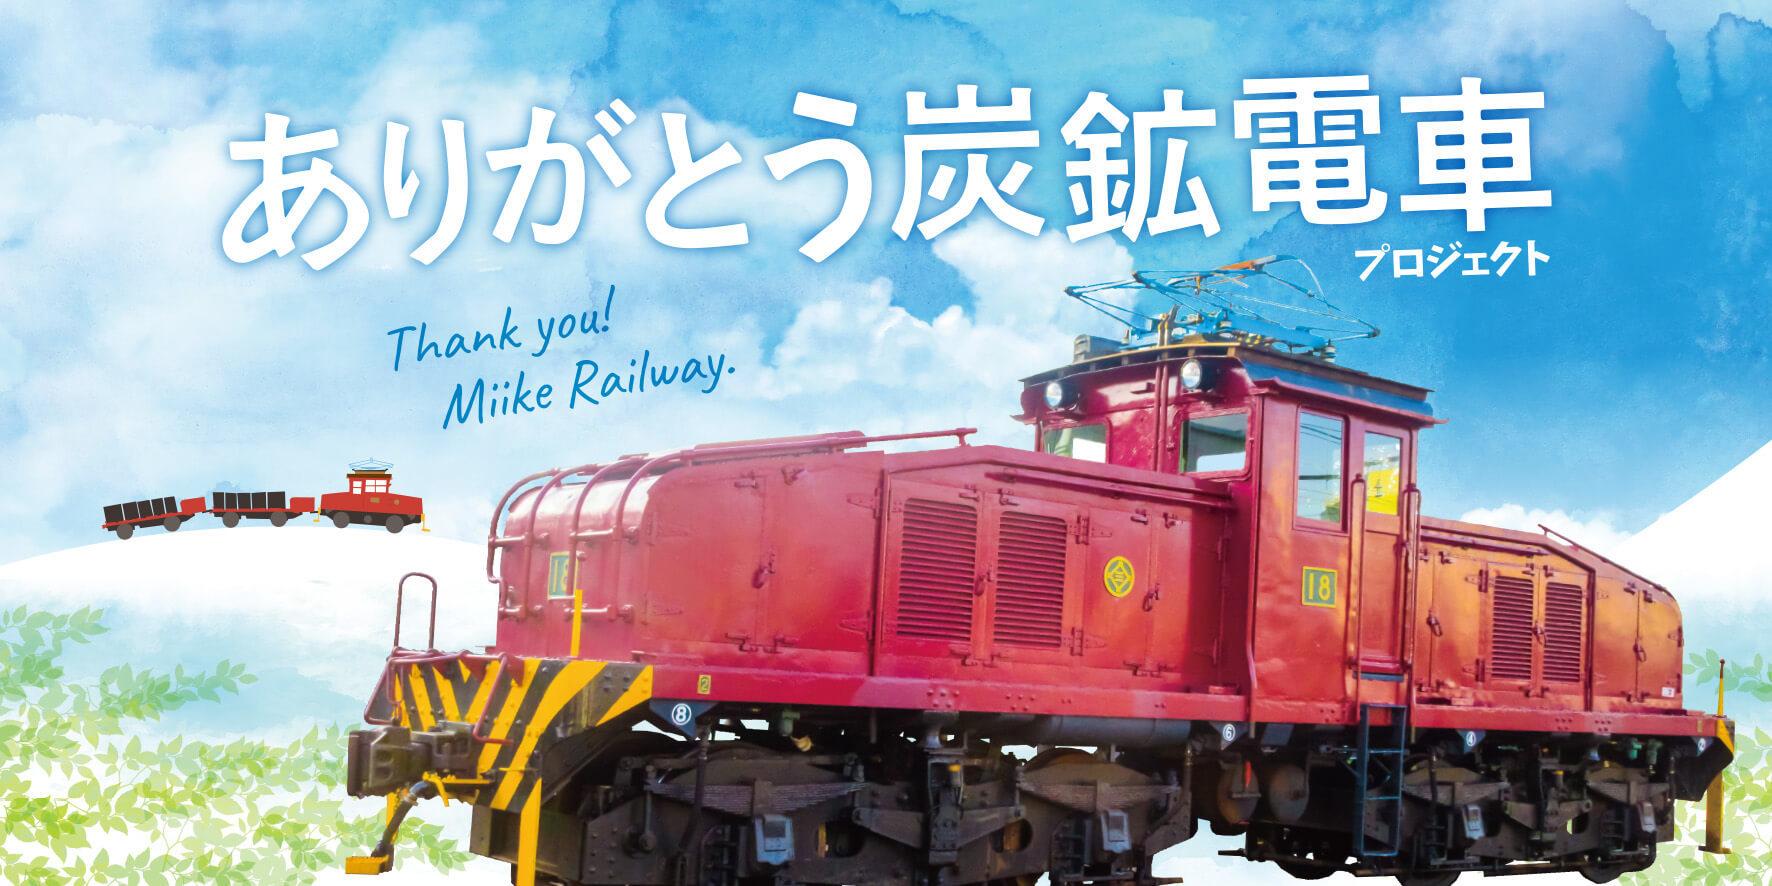 三井化学さん!ありがとう炭鉱電車 映像完成記念の式典へ_b0183113_13032241.jpg